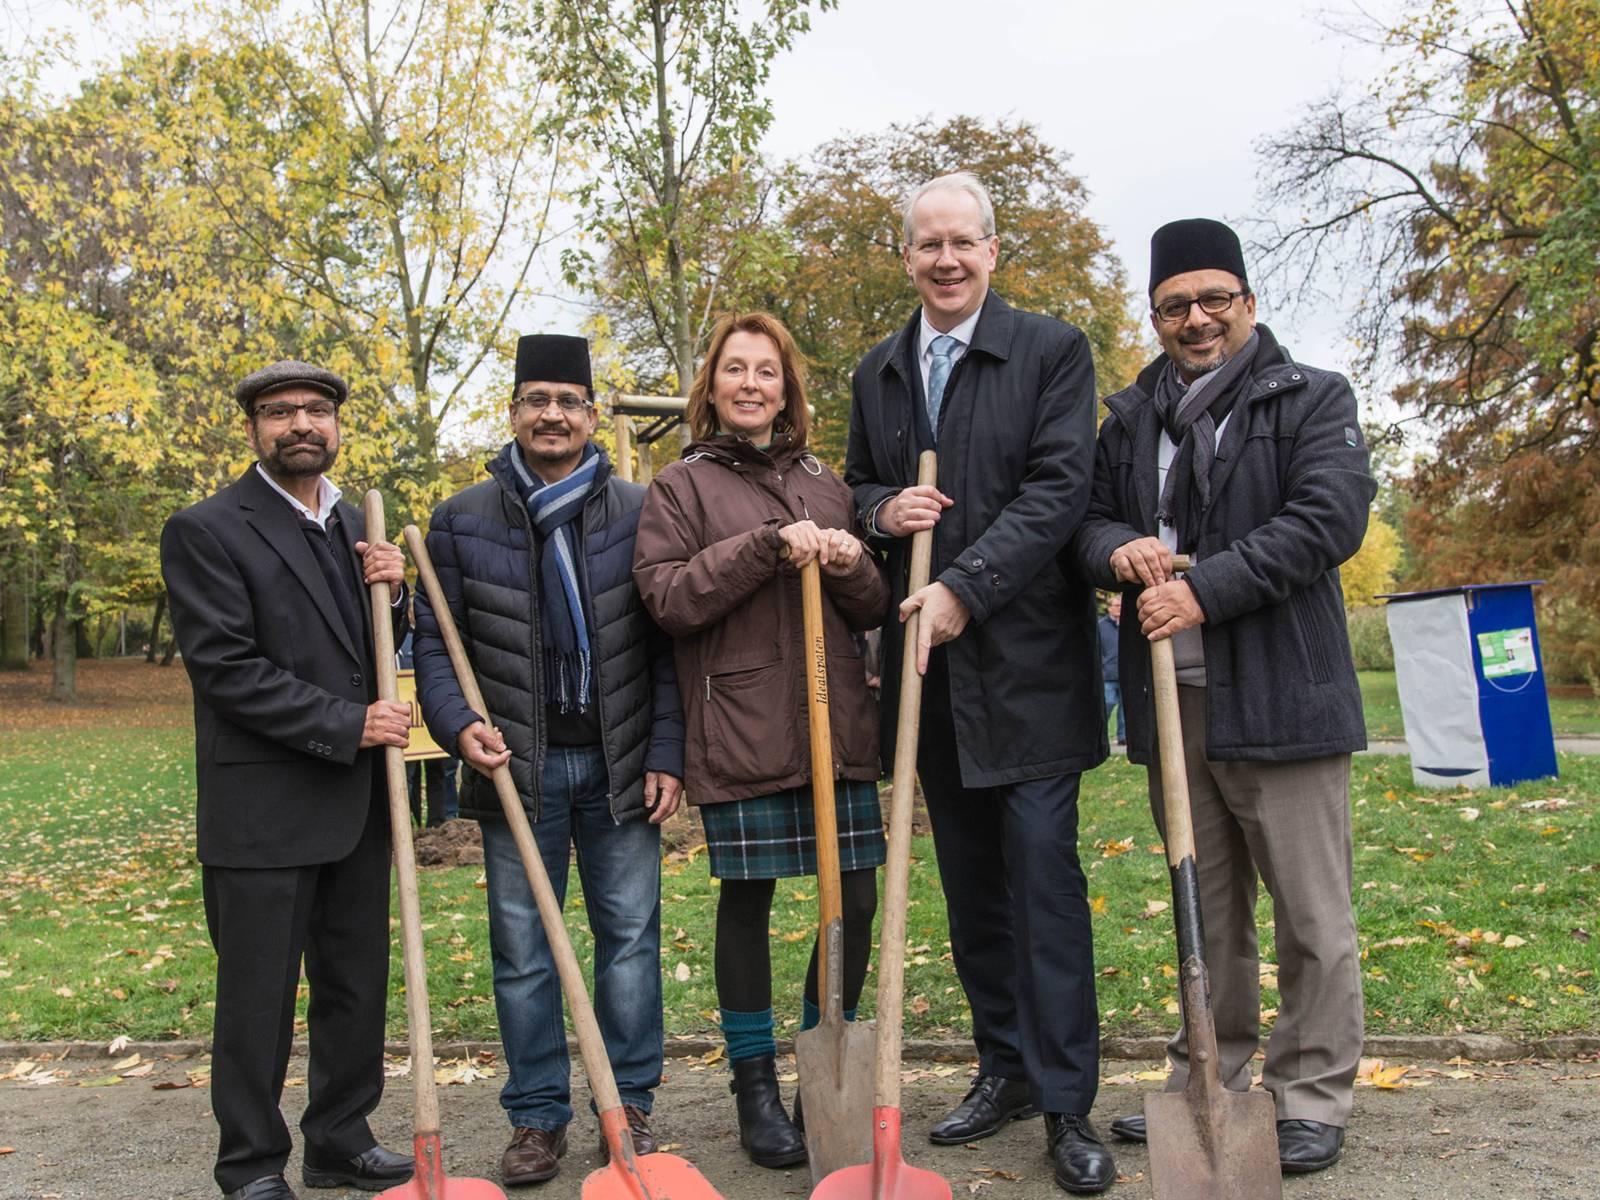 Fünf Personen mit Schaufeln vor einem neu gepflanzten Baum